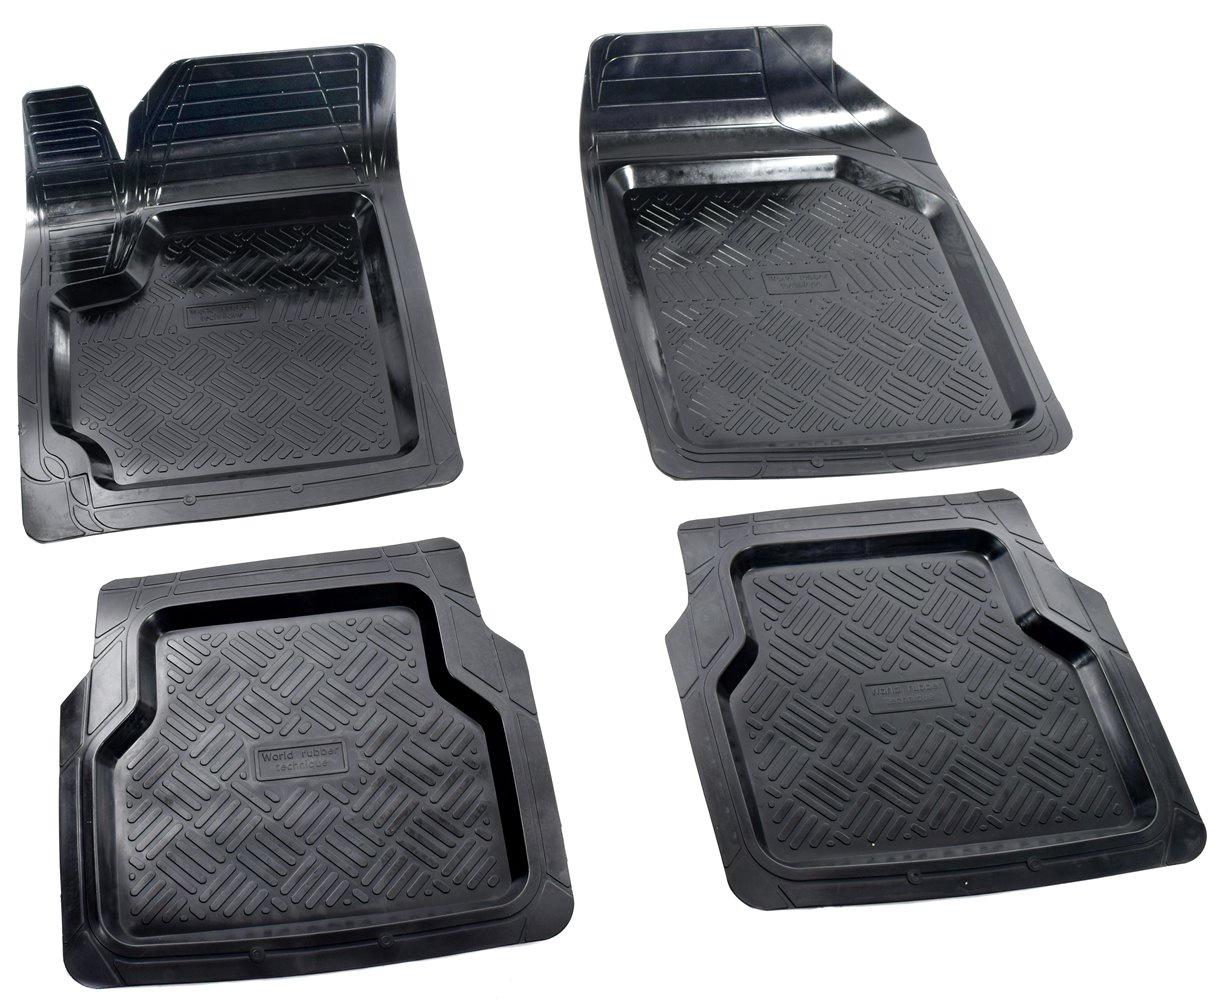 Коврики в салон автомобиля Avtodriver Вариант, универсальные, 4 шт, ADRU002, резиновые, с бортиком, черный для автомобиля резинотканевые коврики